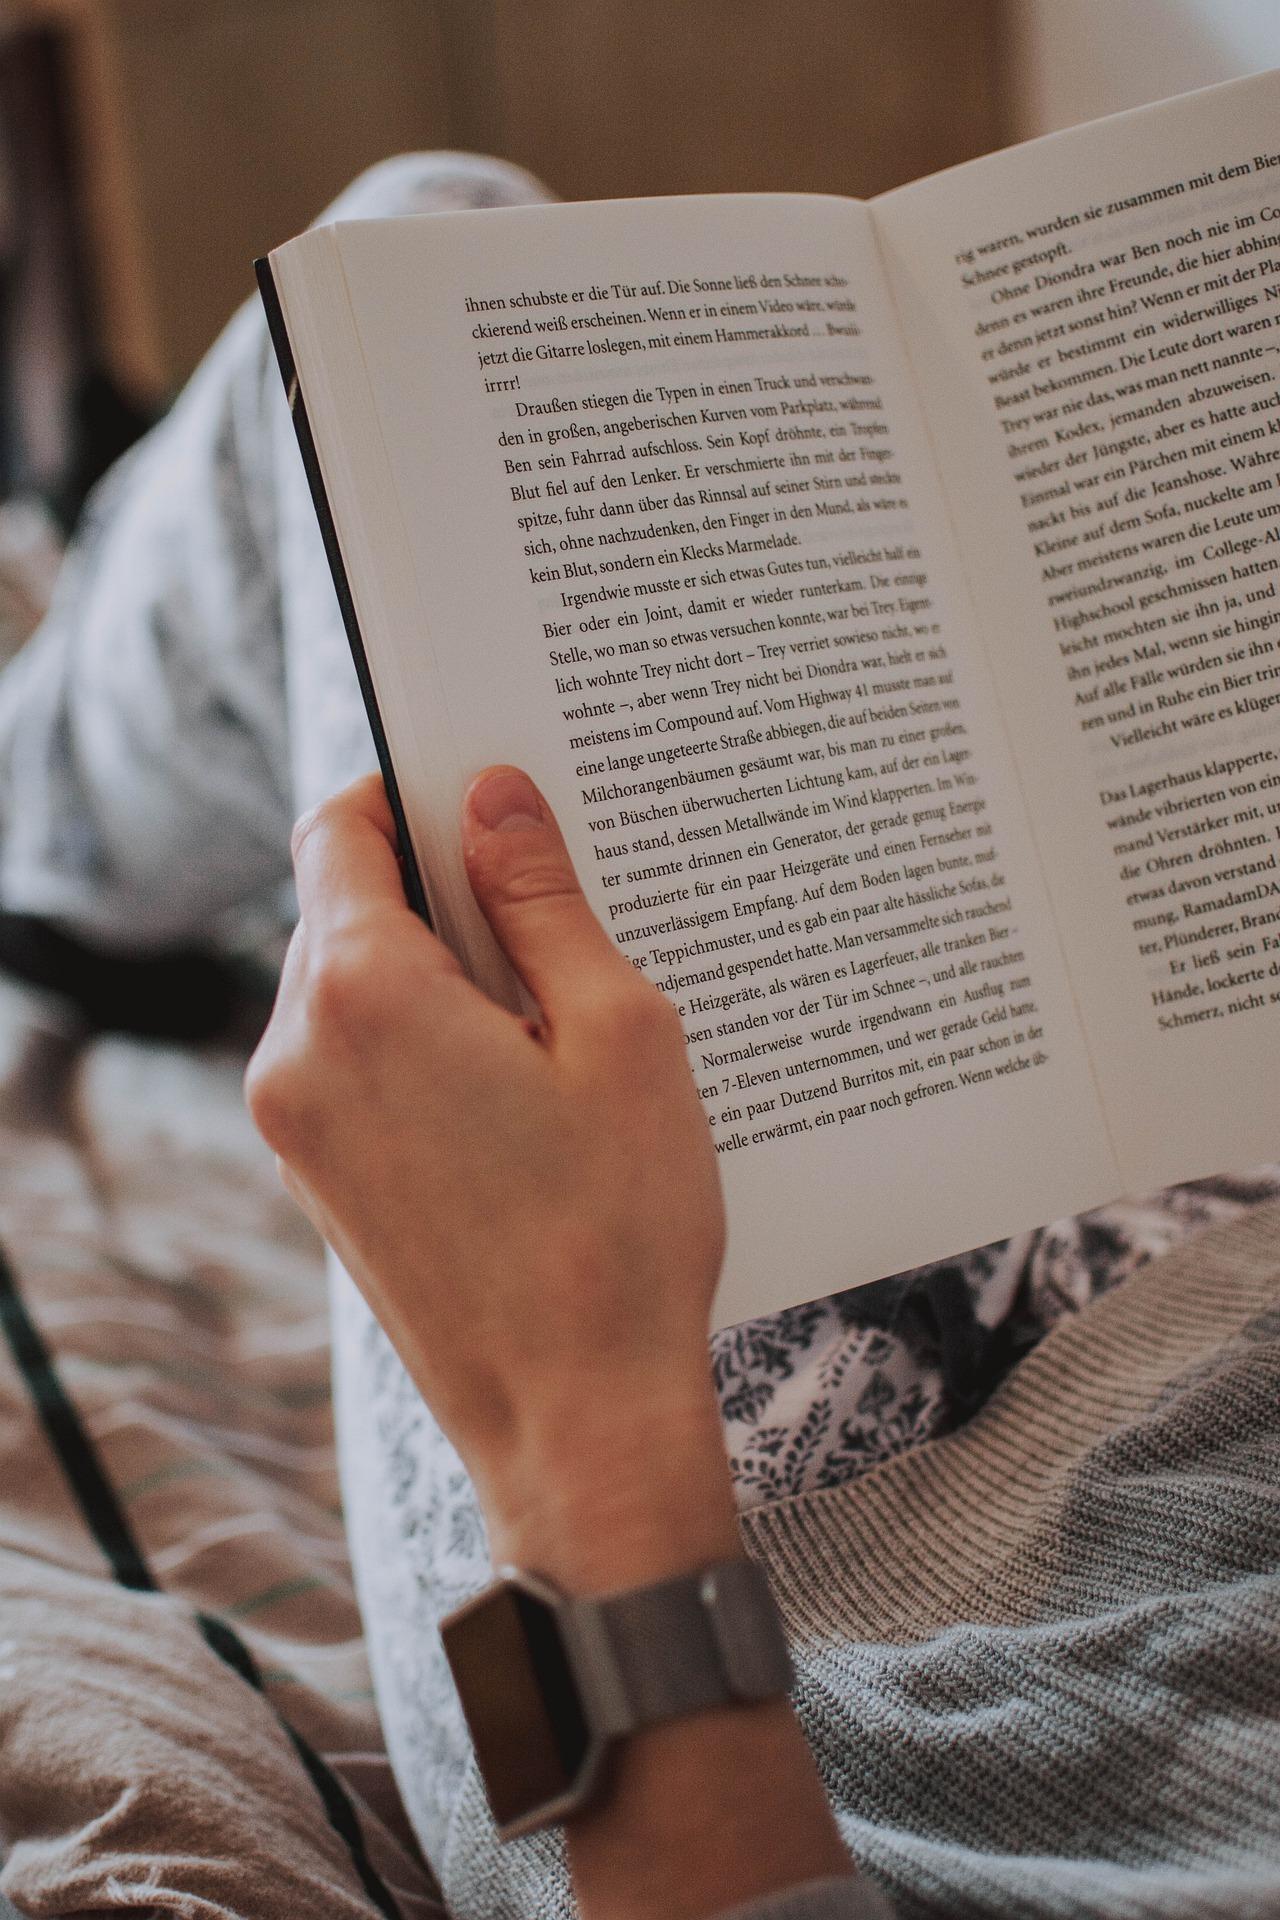 Kleidung beim Lesen und Kinobesuch